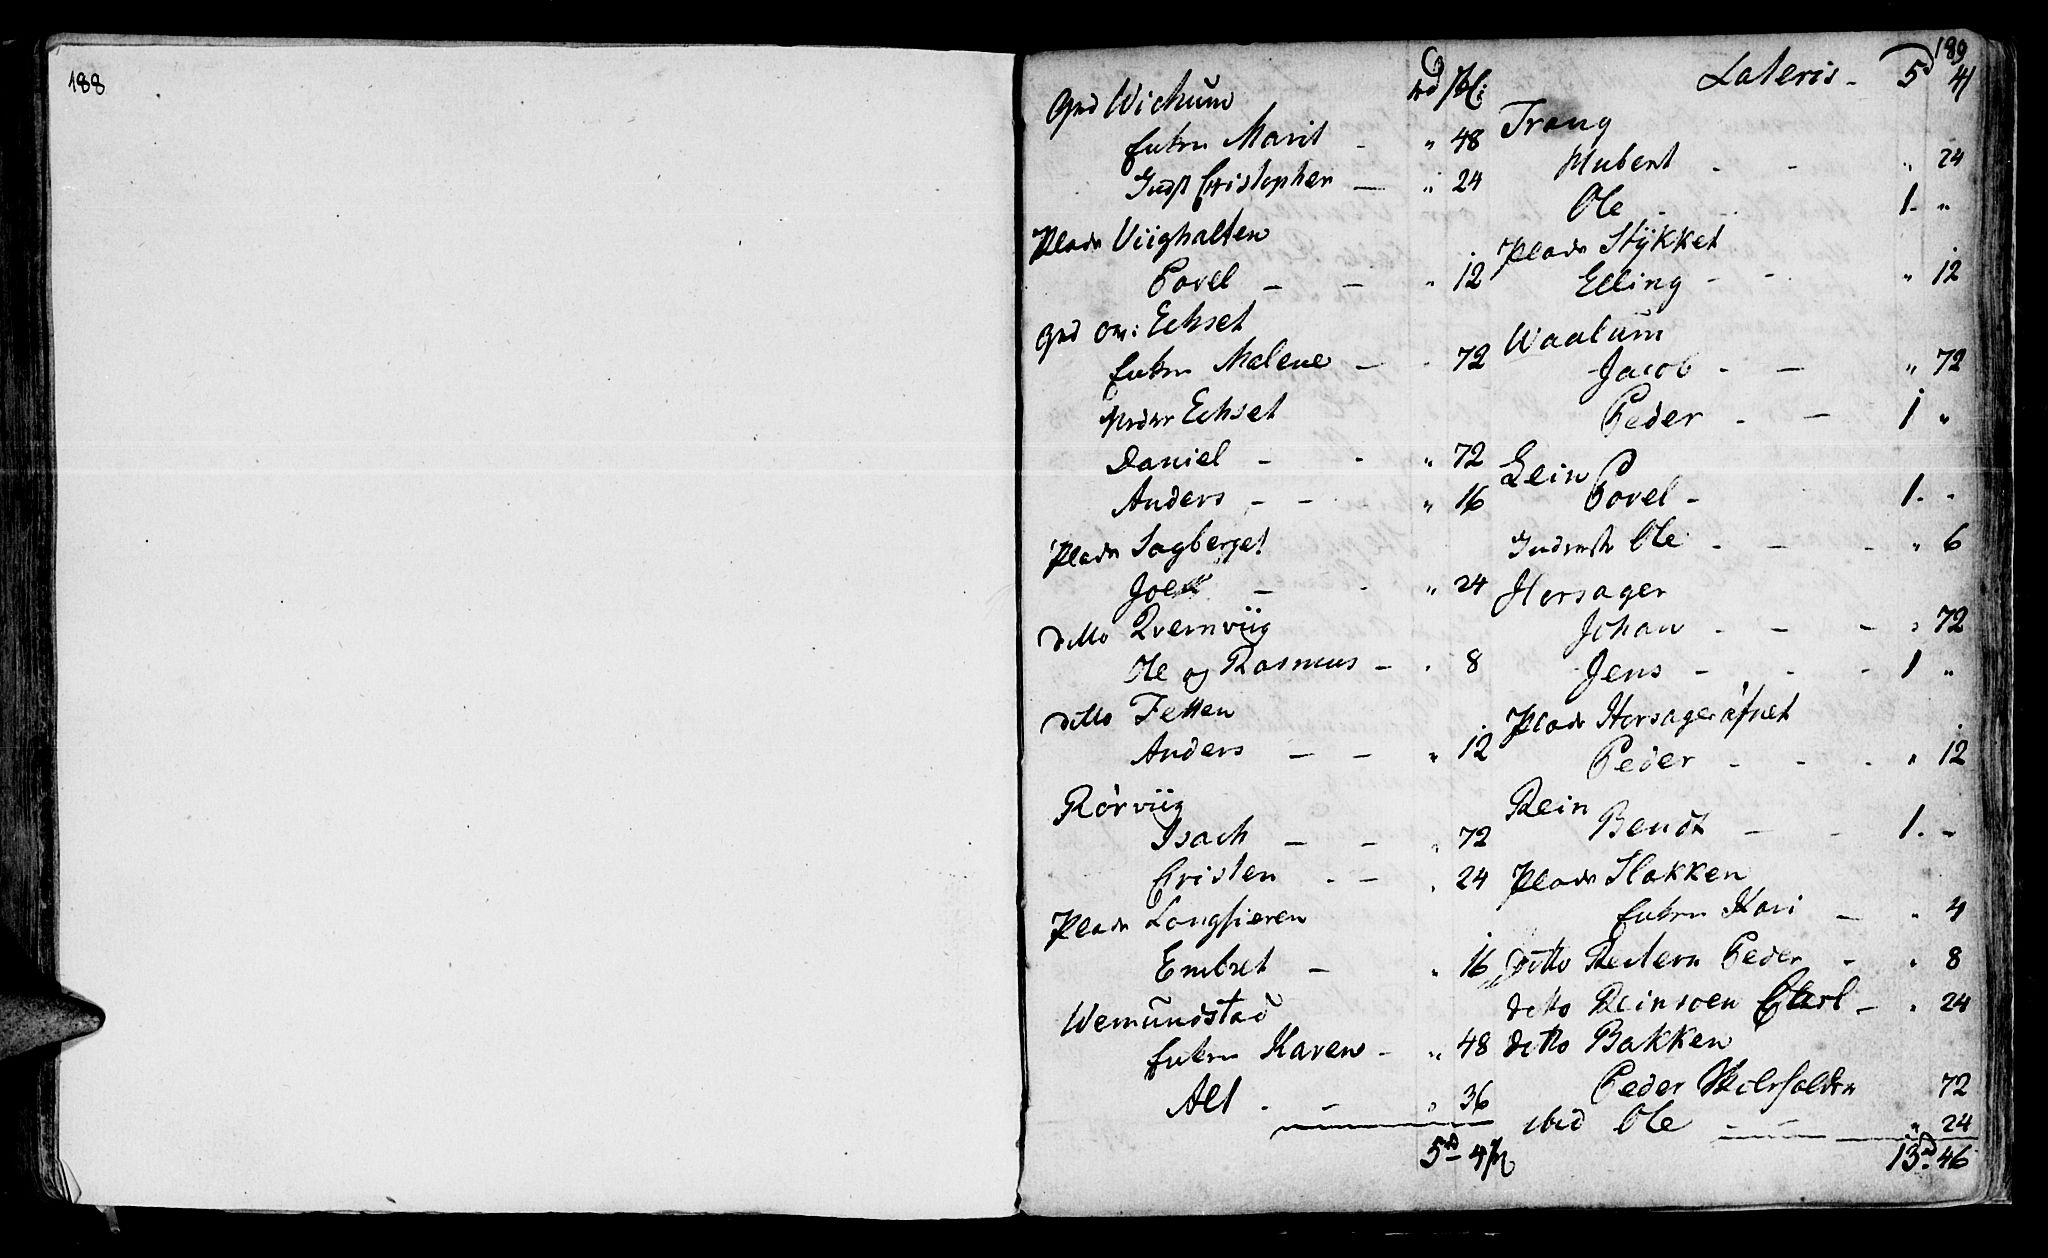 SAT, Ministerialprotokoller, klokkerbøker og fødselsregistre - Sør-Trøndelag, 646/L0604: Ministerialbok nr. 646A02, 1735-1750, s. 188-189